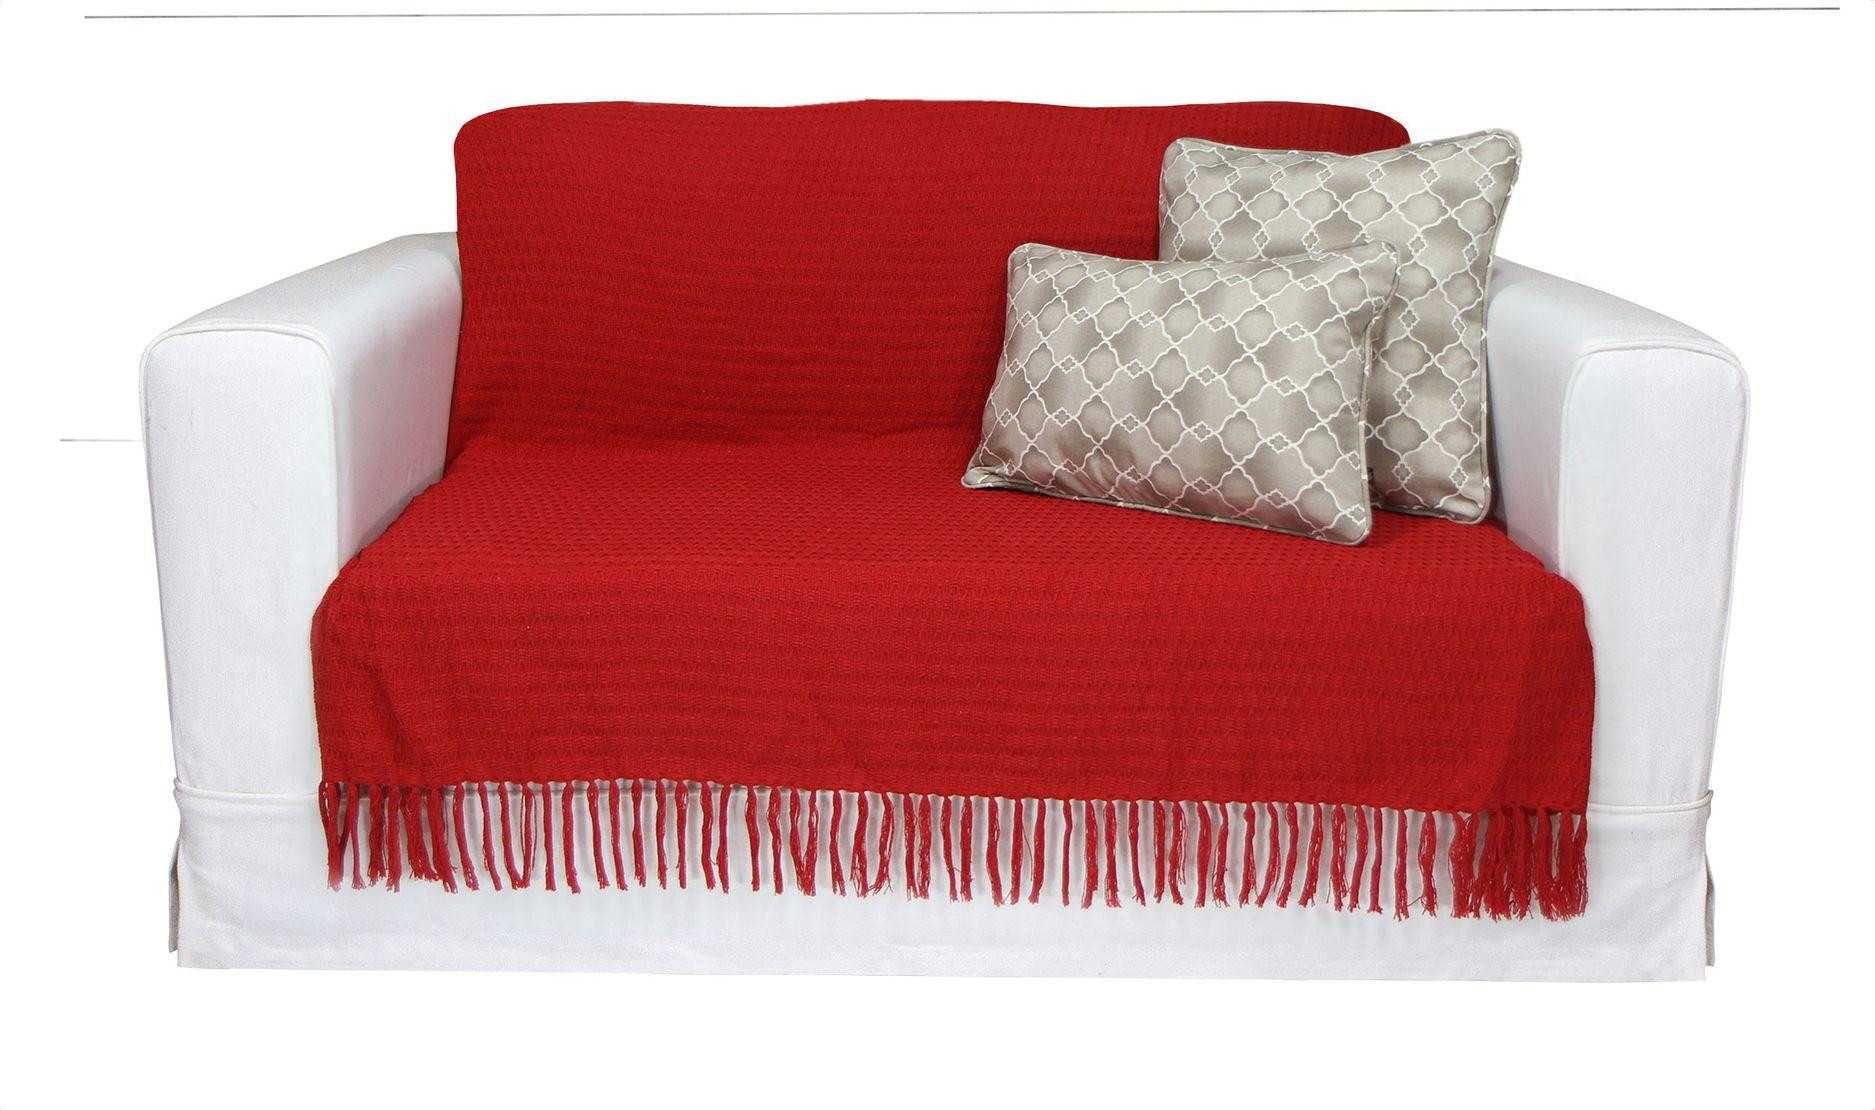 Manta Decorativa 1,80m X 1,30m Cor Vermelho